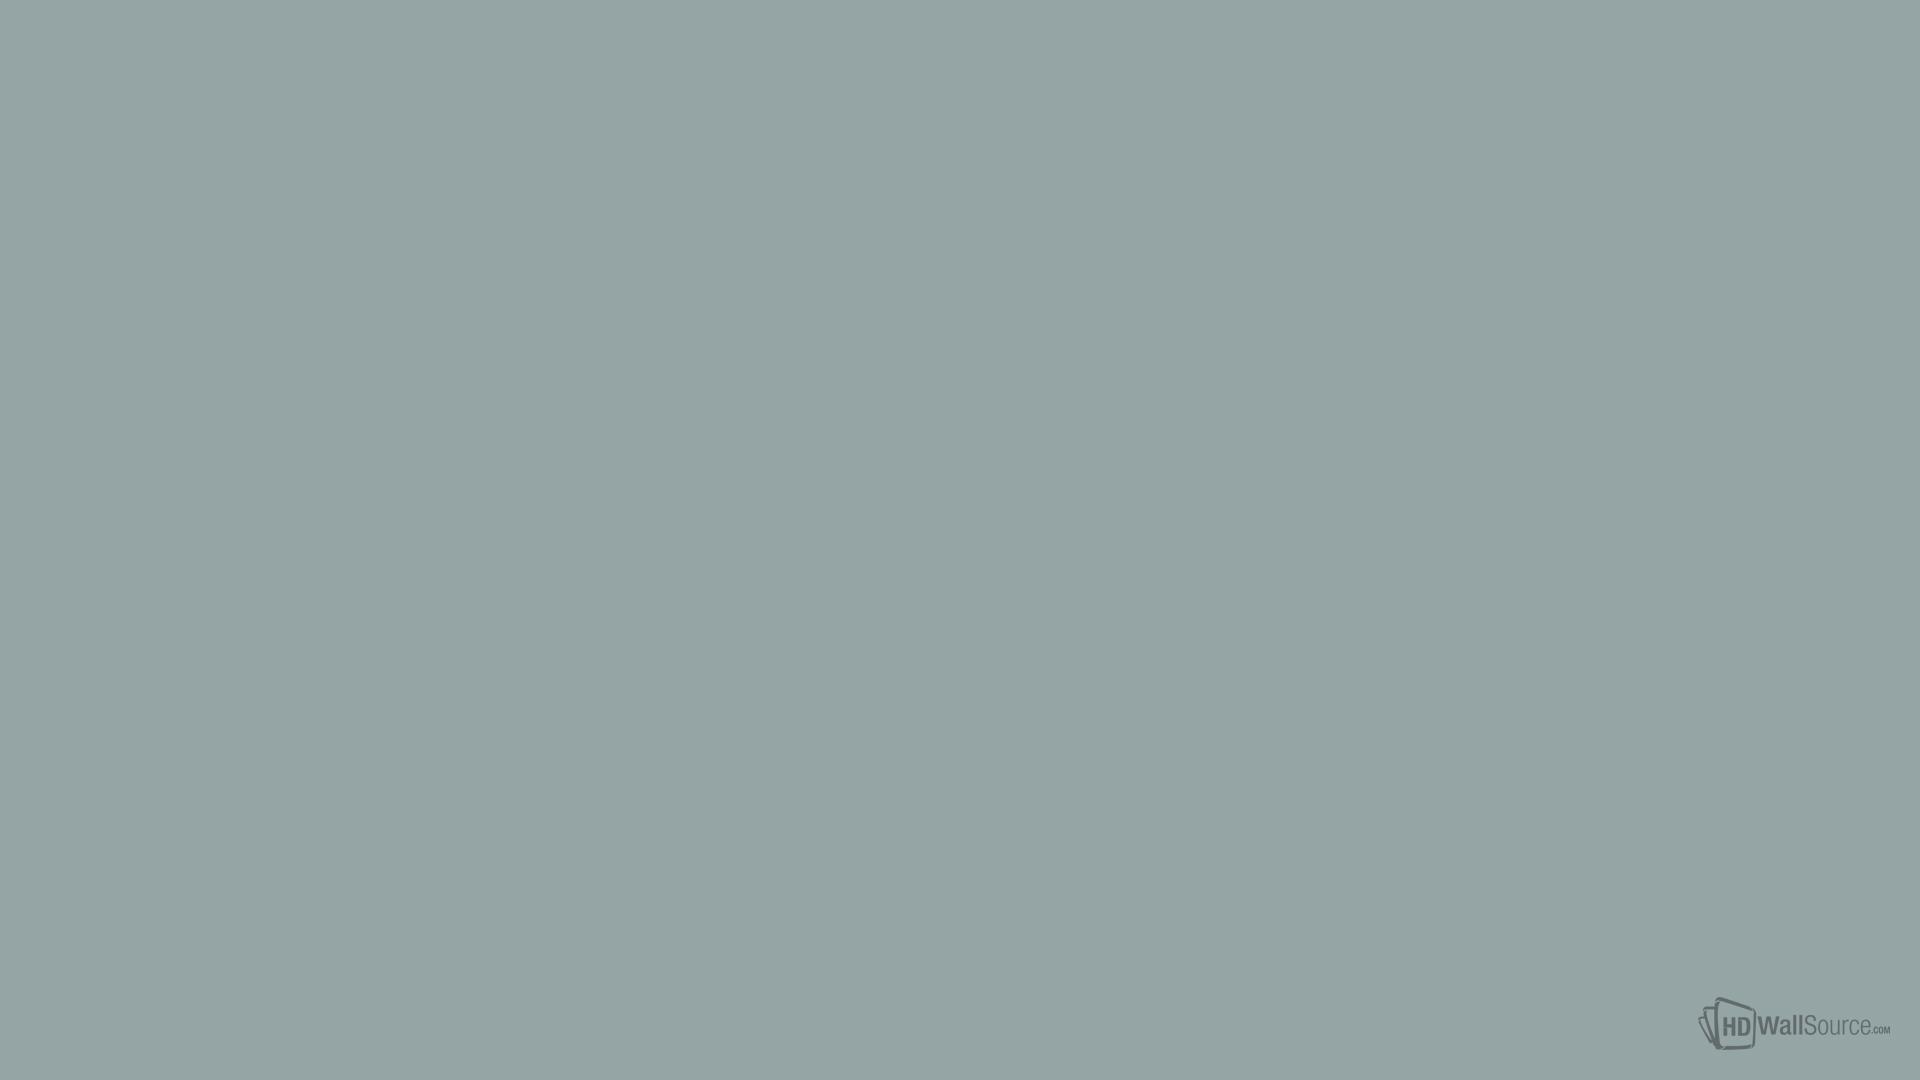 95a5a6 wallpaper 70923